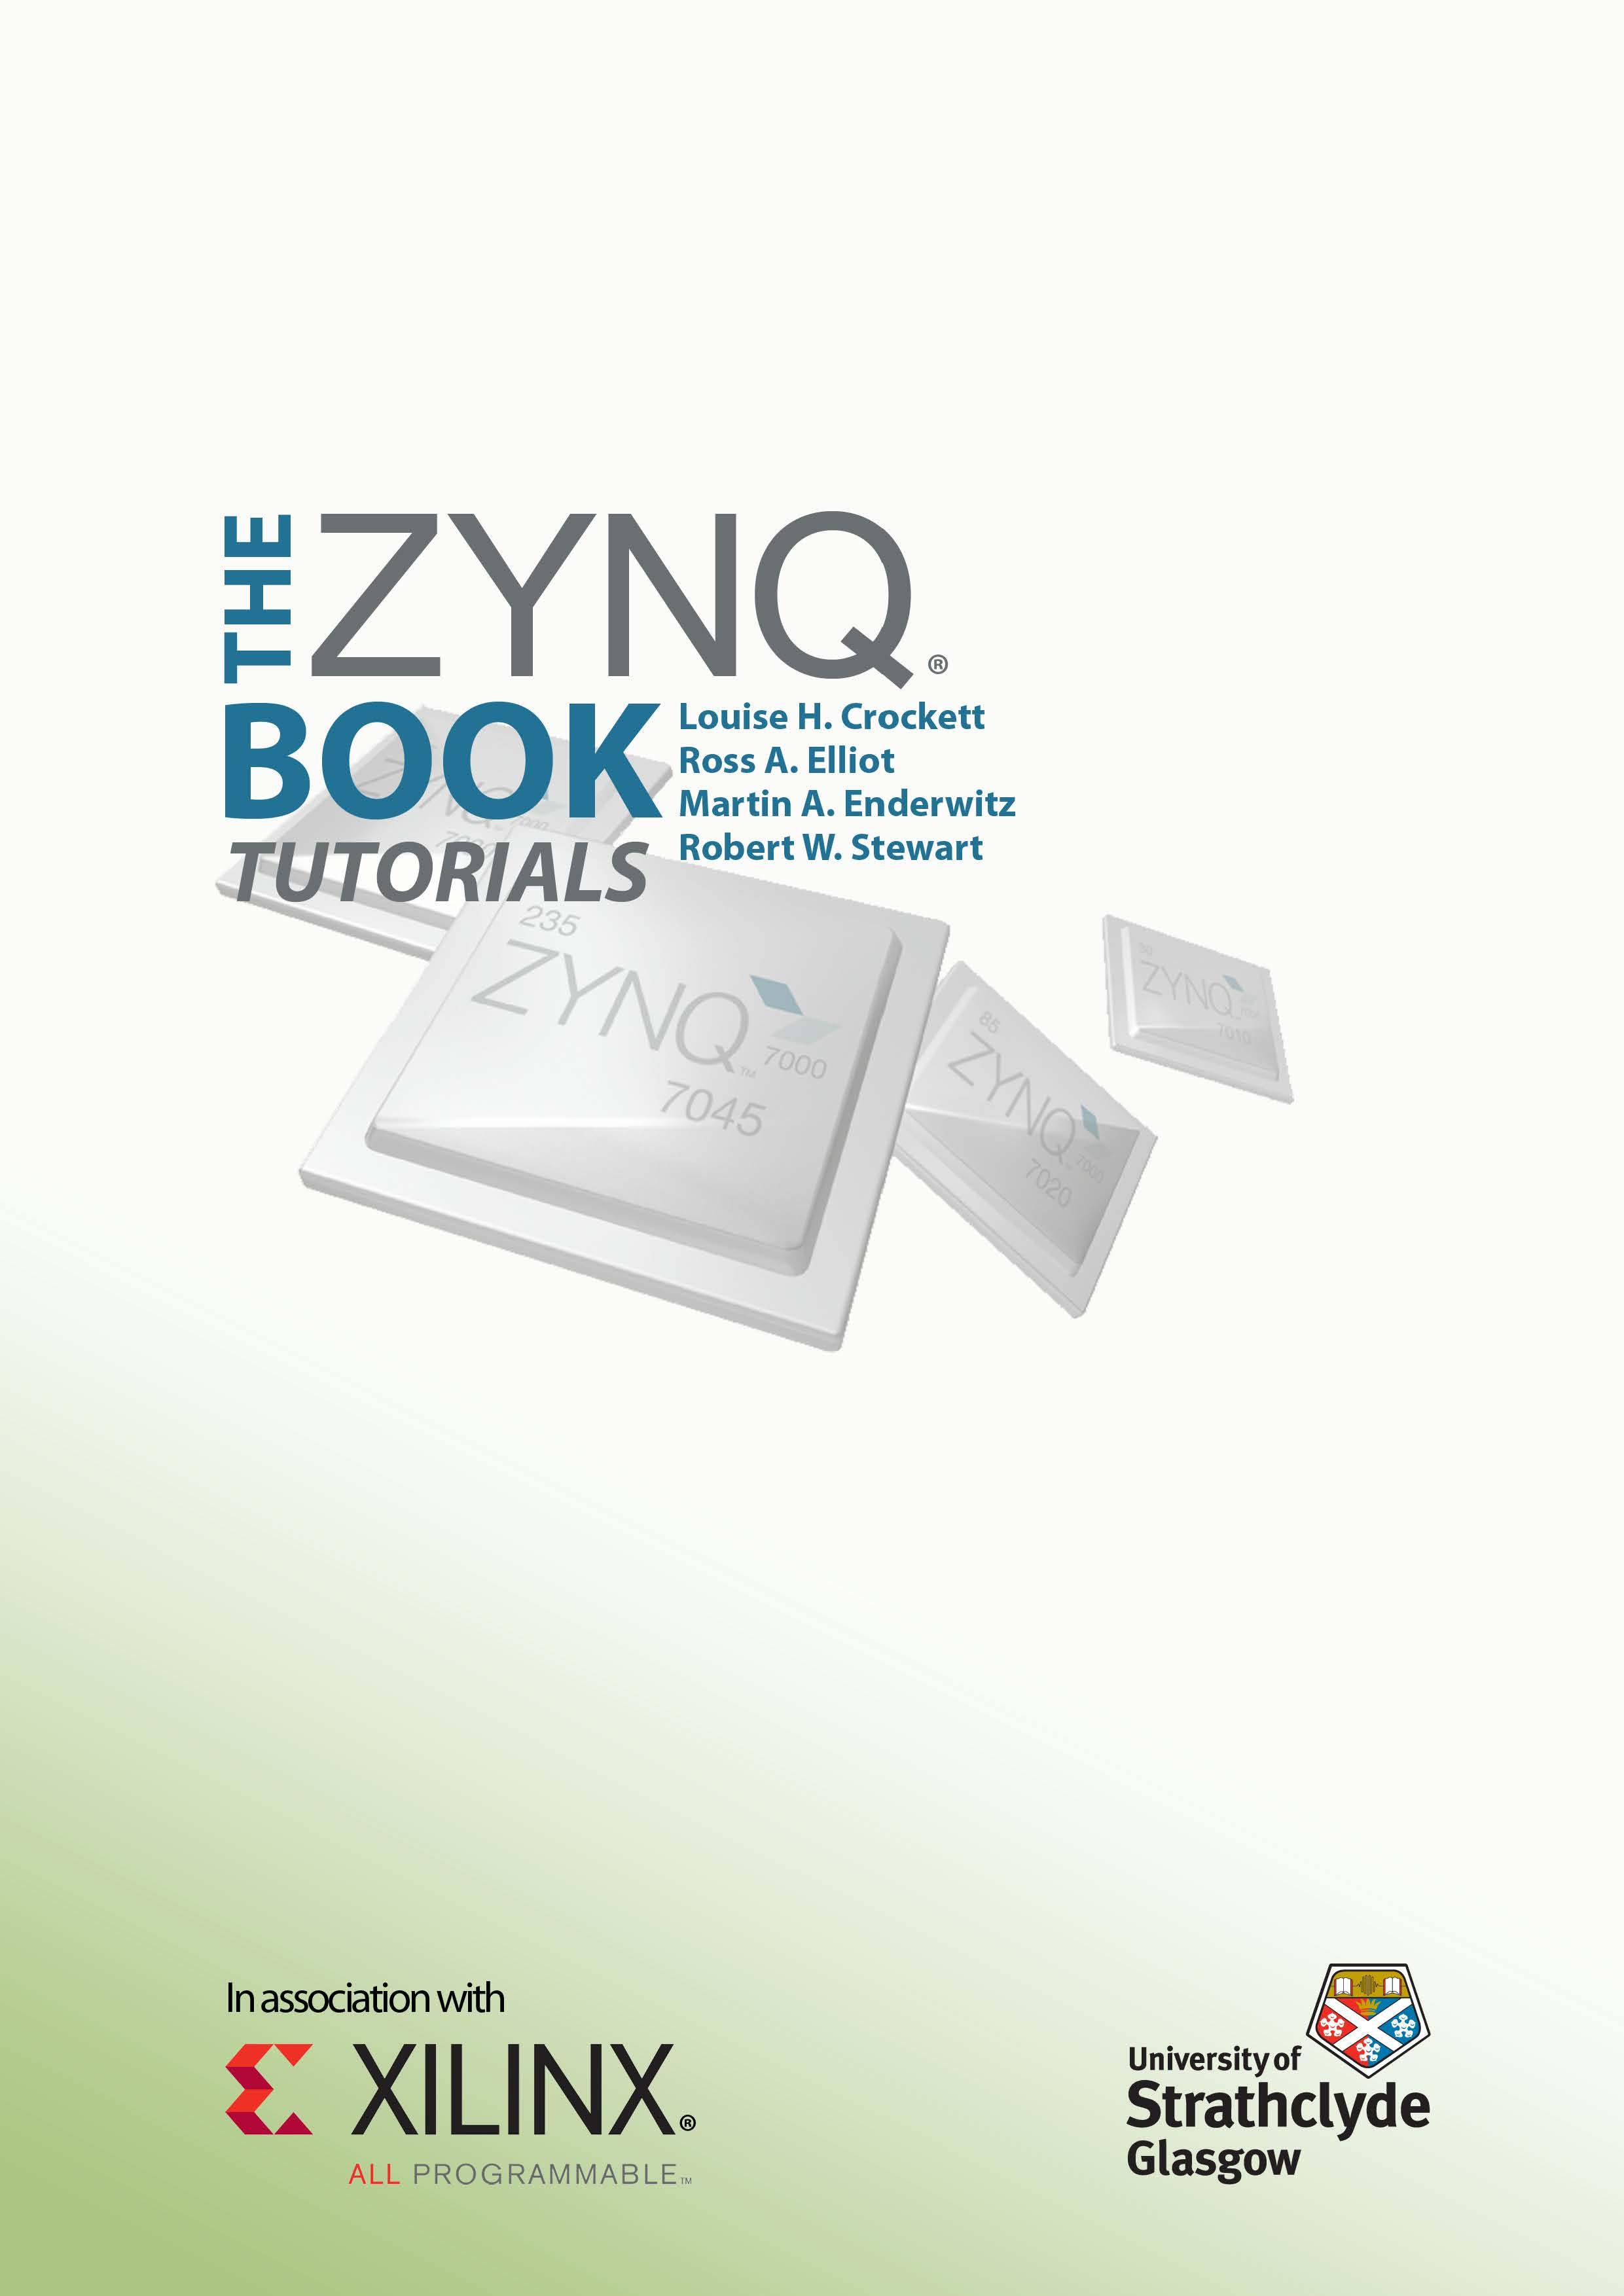 The_Zynq_Book_Tutorials 1.jpg